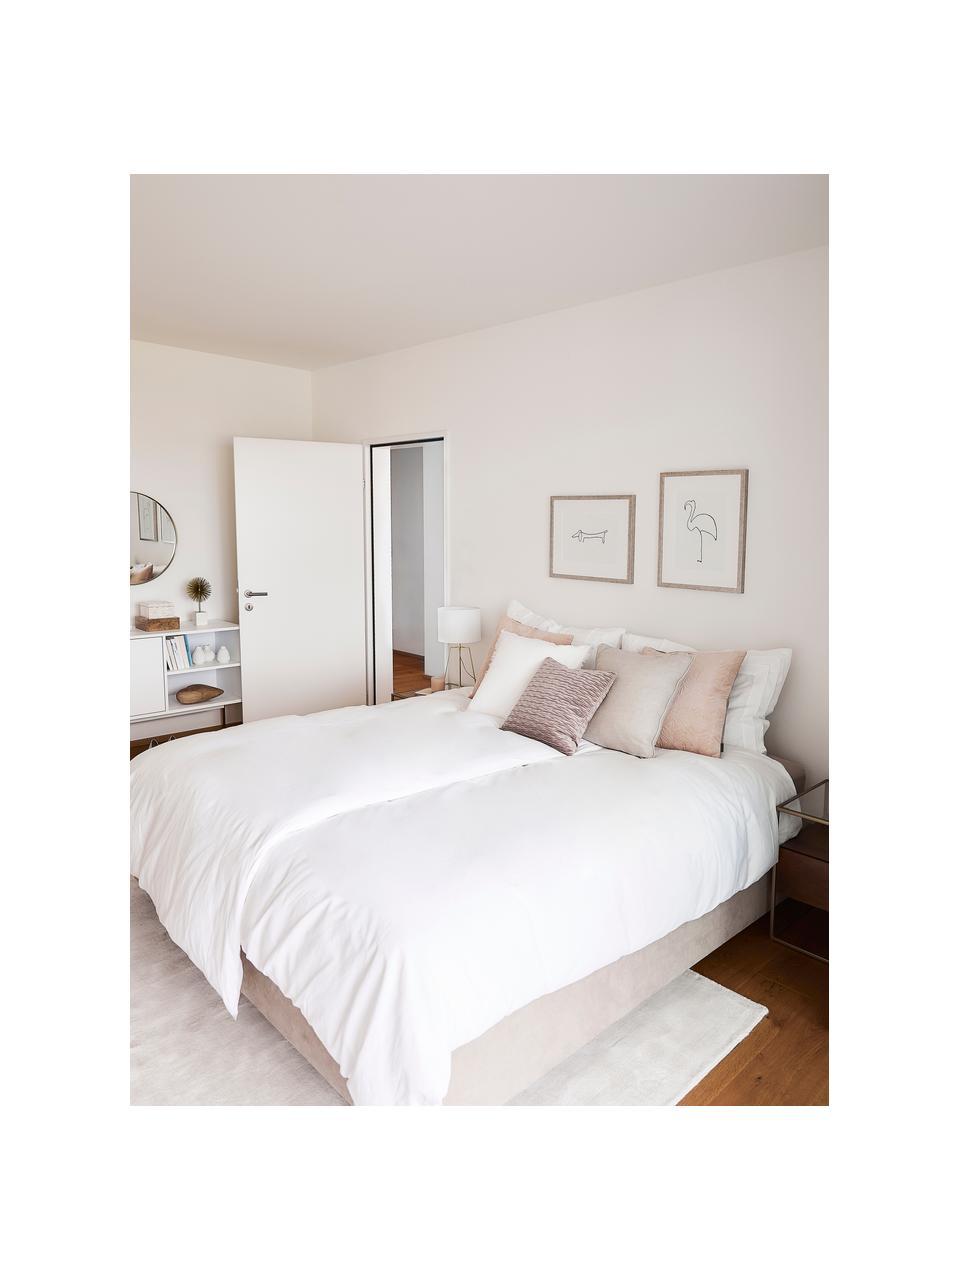 Łóżko kontynentalne bez zagłówka Enya, Nogi: tworzywo sztuczne, Beżowy, S 200 x D 200 cm